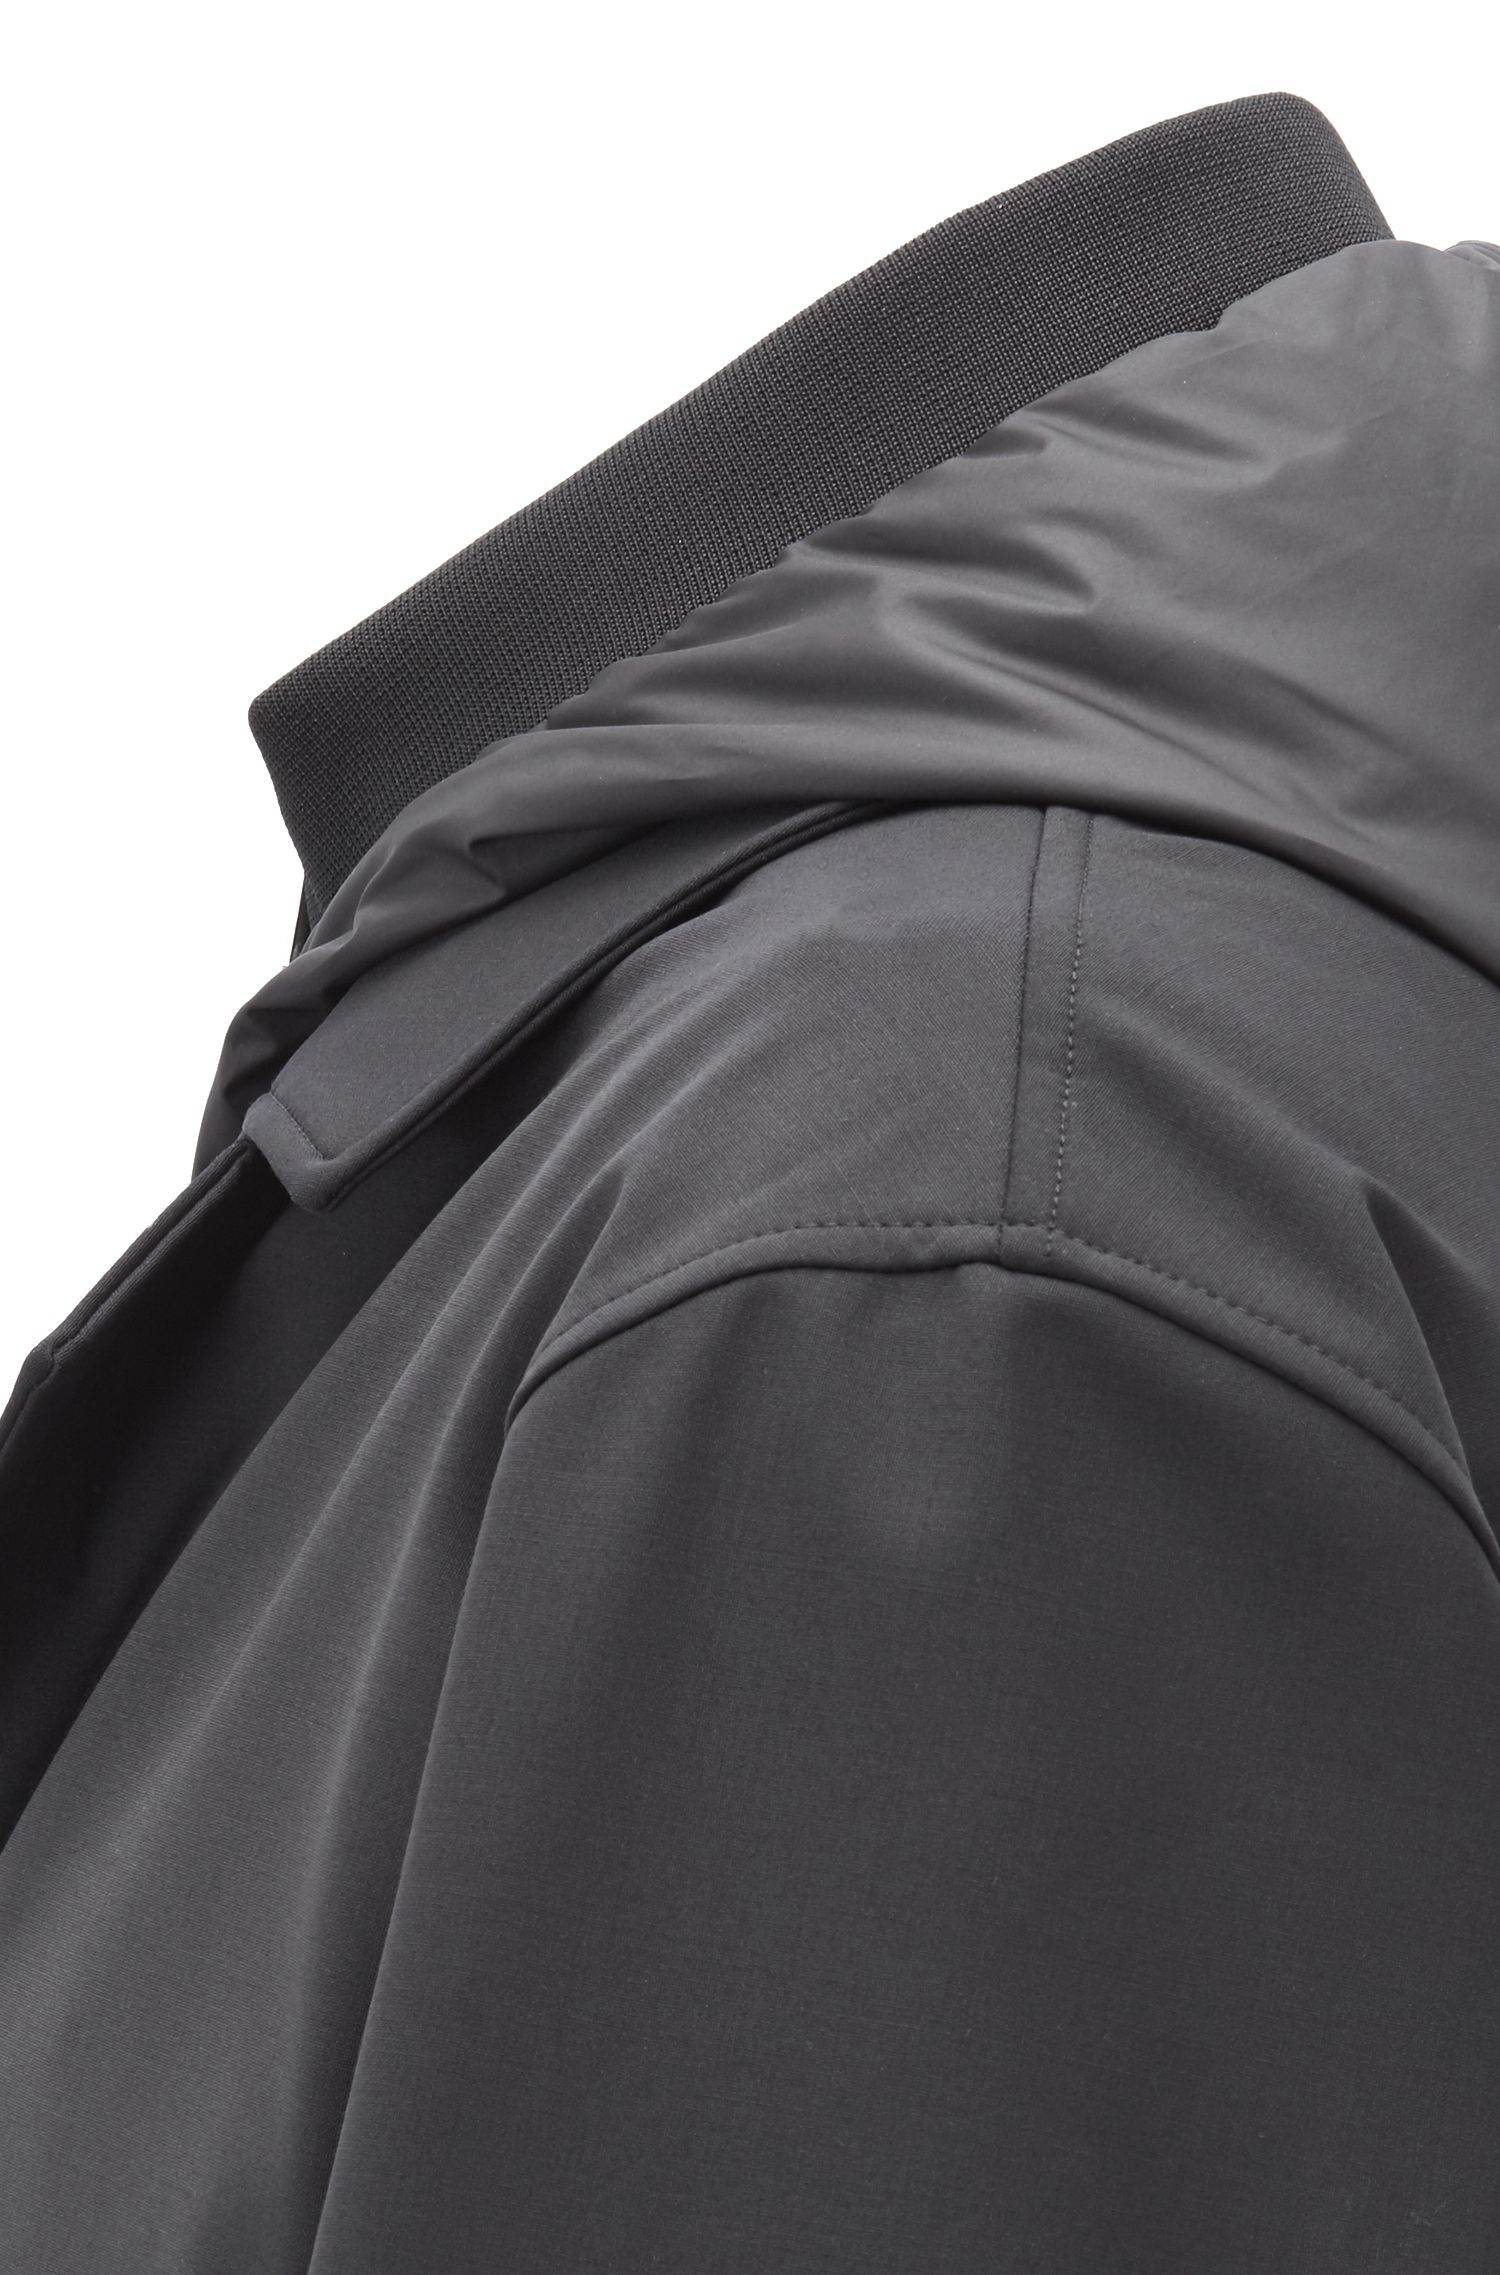 Tailored 3-in-1-Mantel mit wasserabweisendem Finish, Schwarz